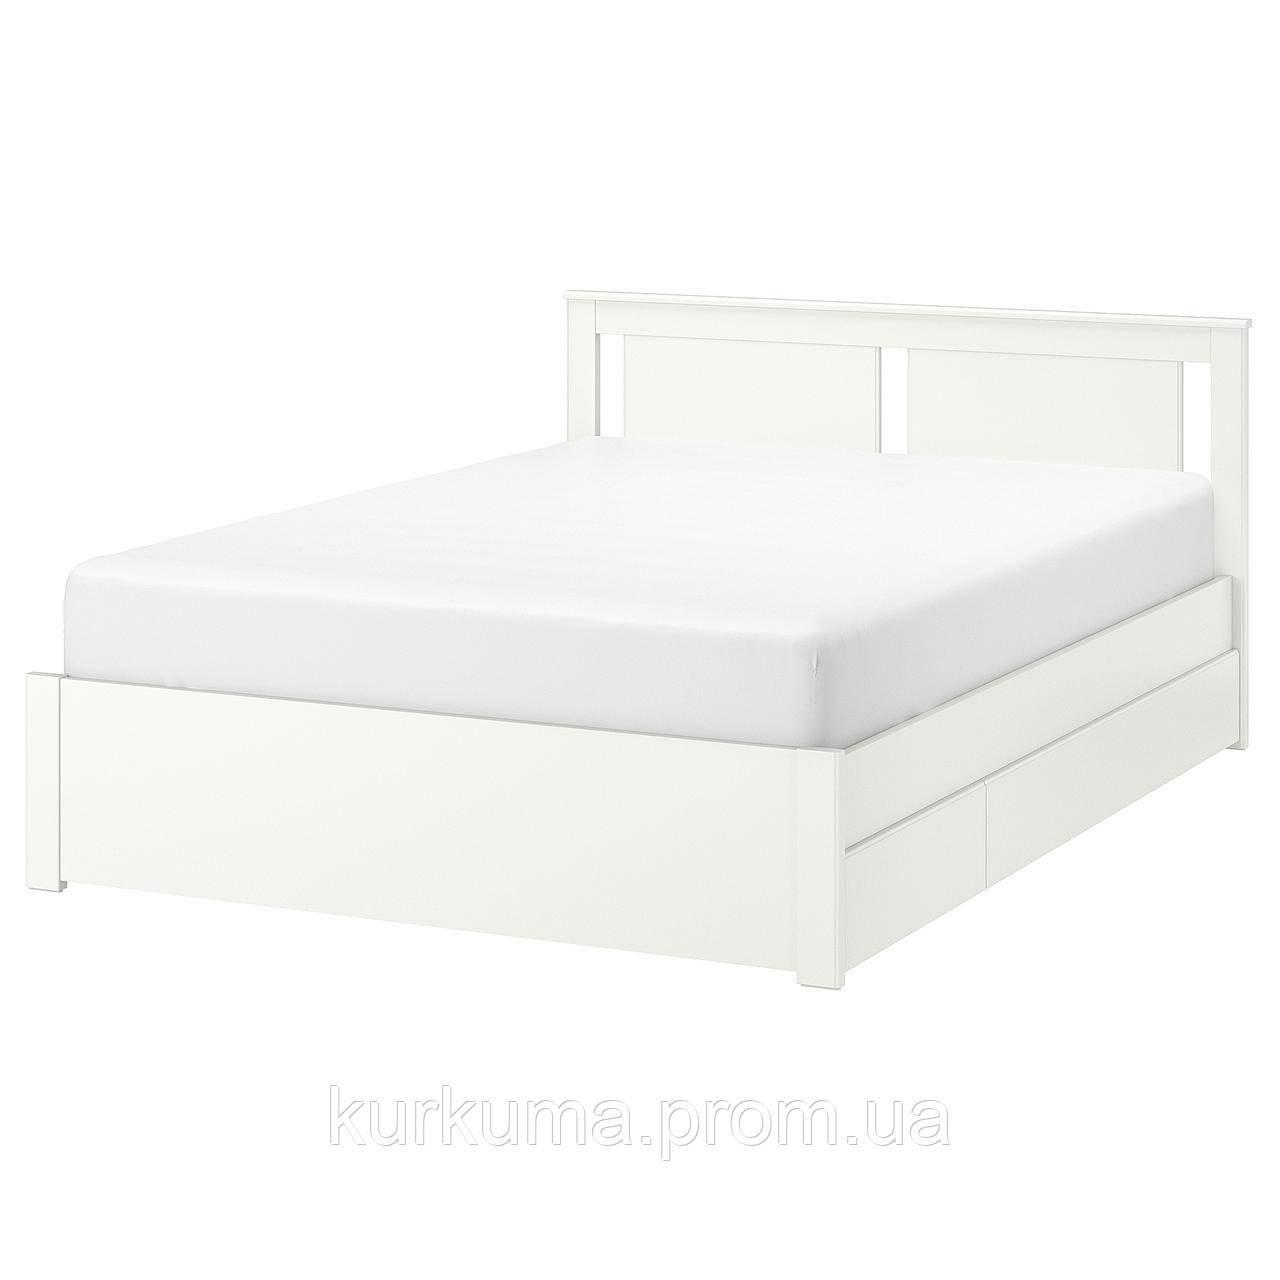 IKEA SONGESAND Кровать с 2 ящиками, белый, Лонсет  (892.412.56)